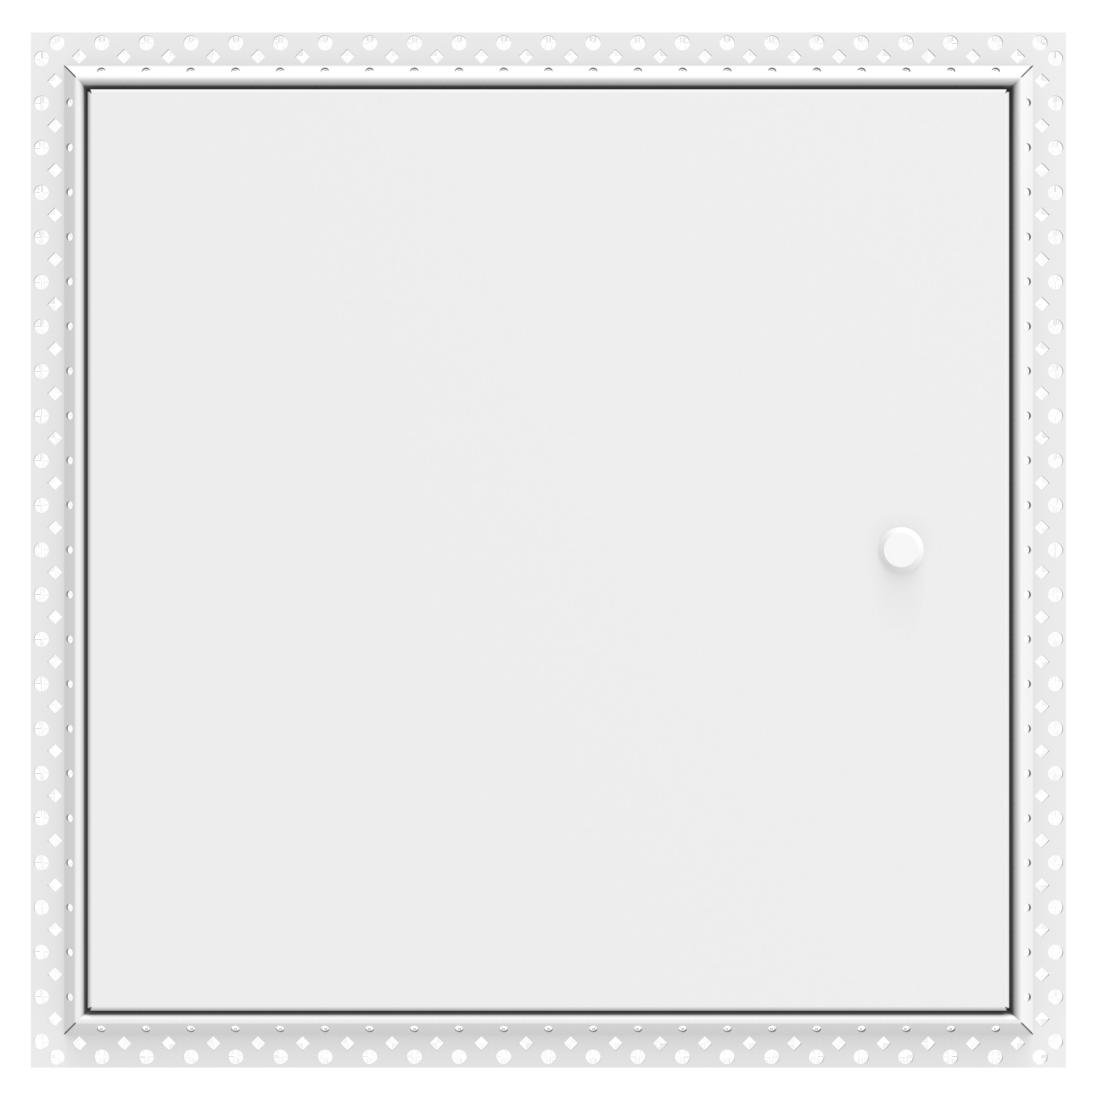 Uvanlig Inspektionslem 20x20 cm. Køb direkte til lav pris uden dyre mellemled RK-27